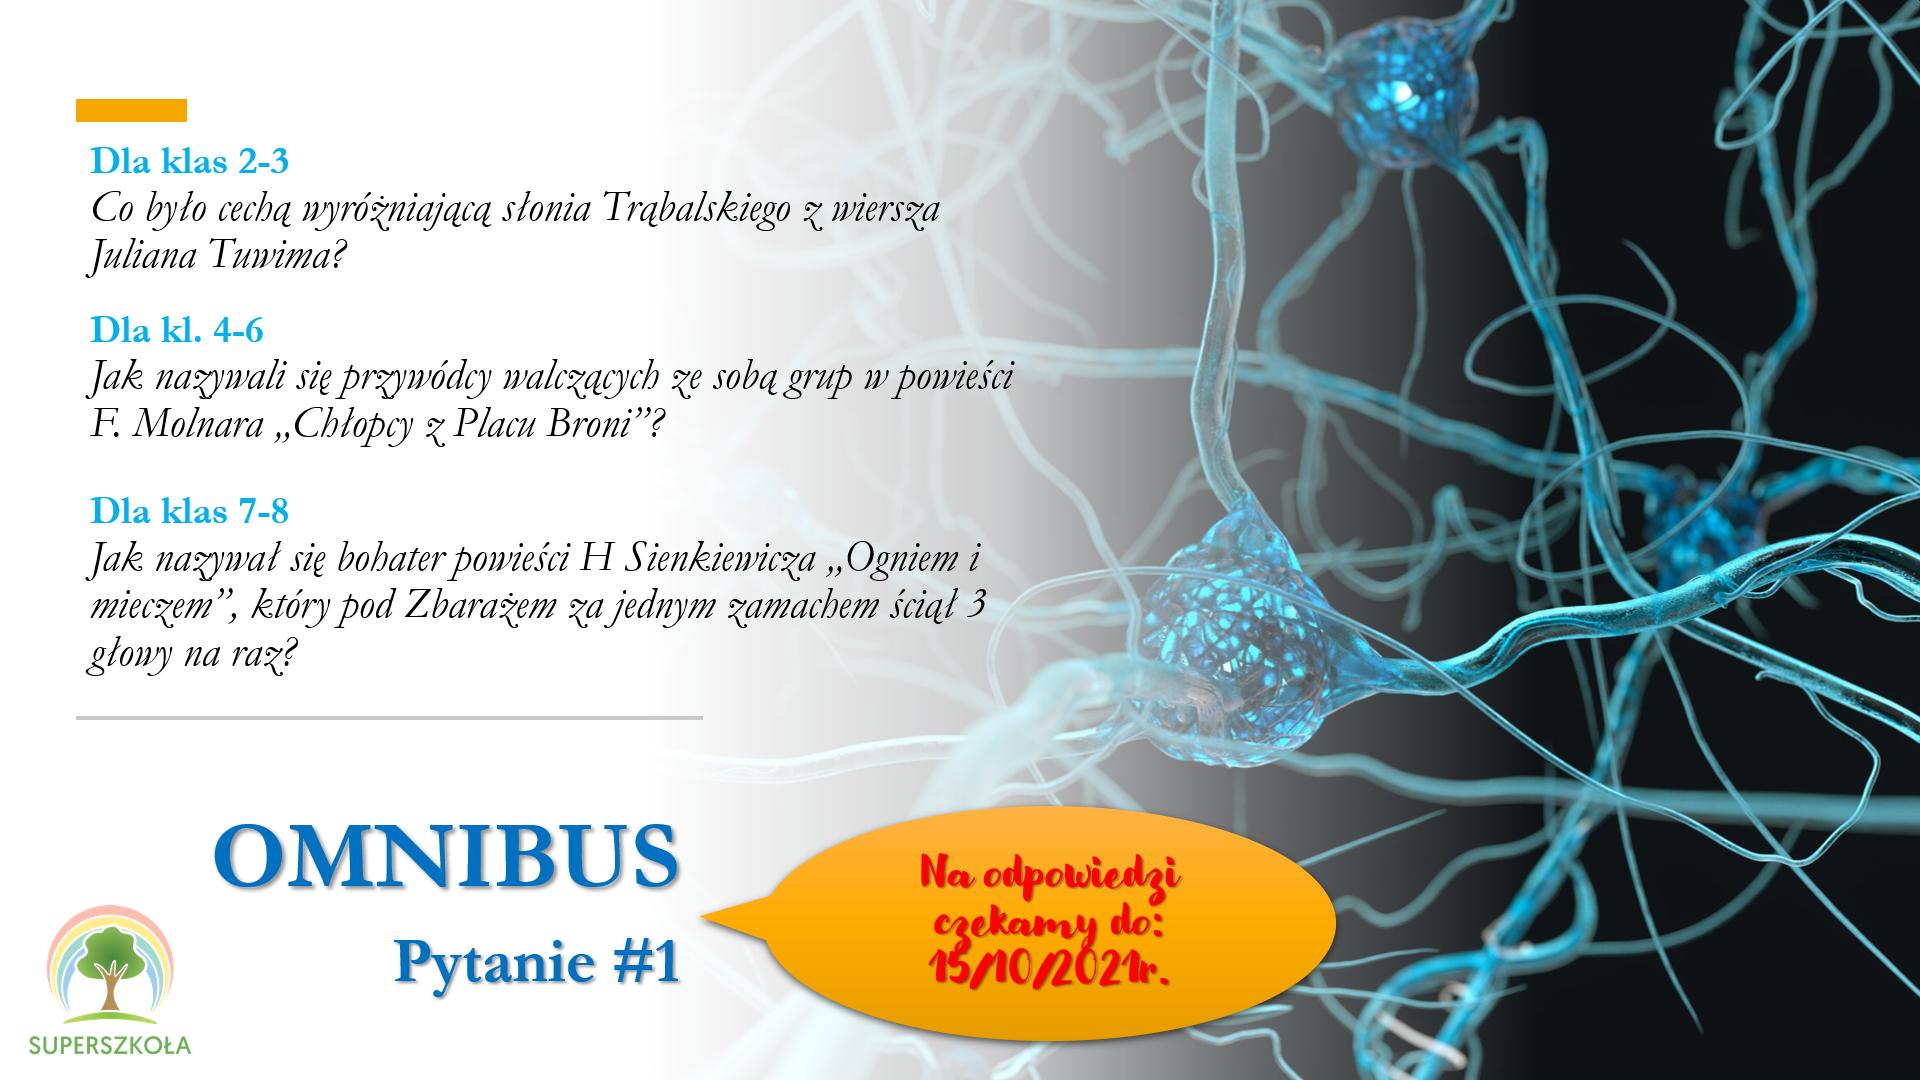 Omnibus_2021_pyt_1